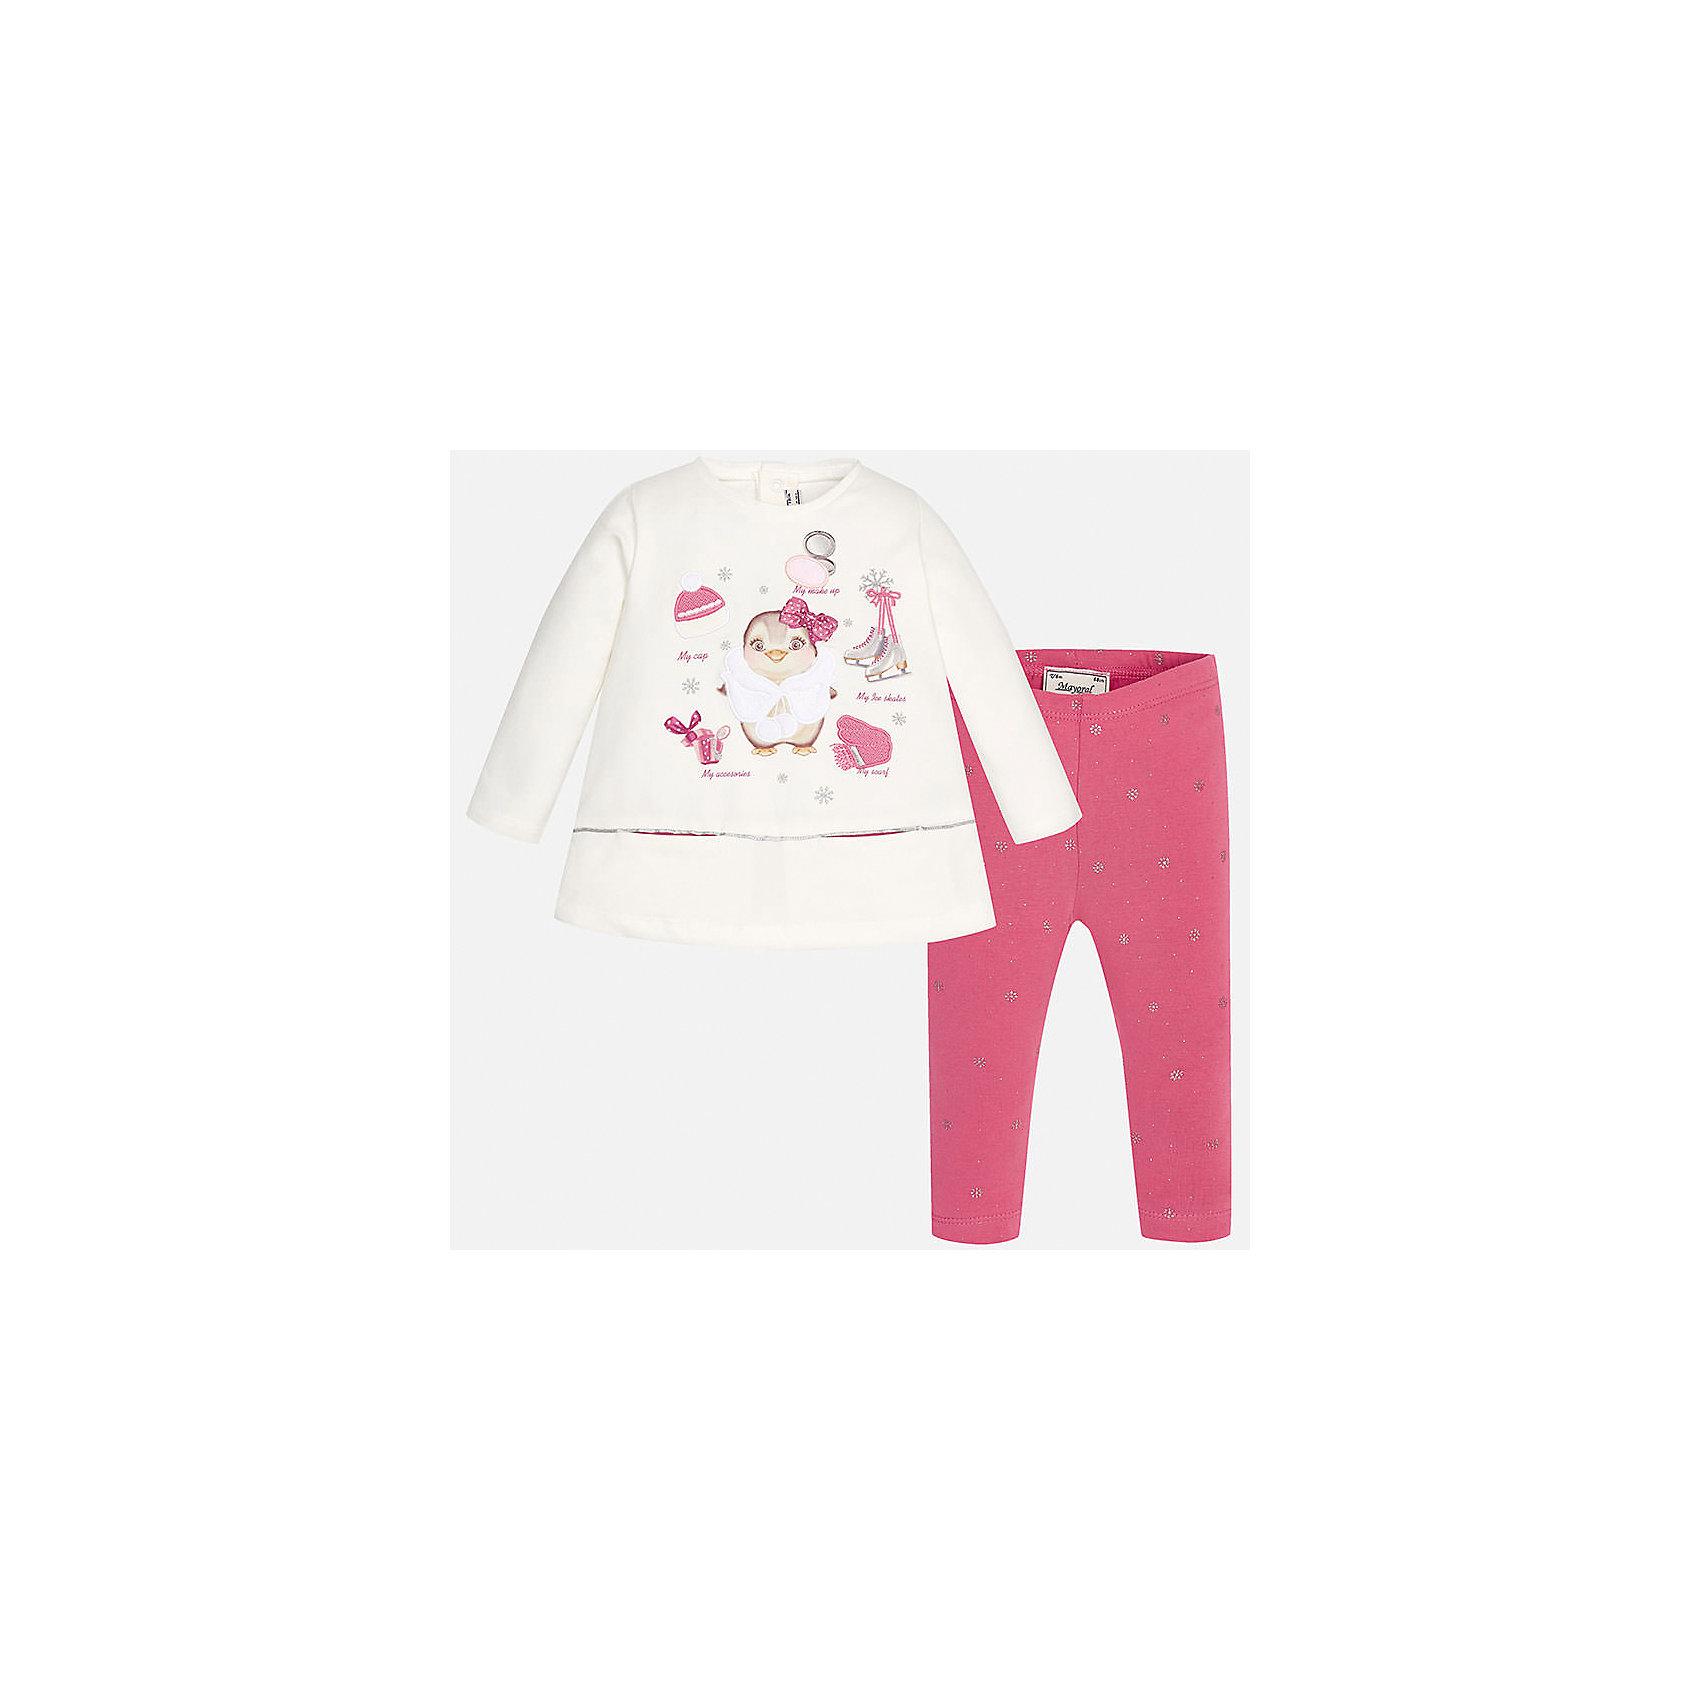 Комплект:футболка и леггинсы для девочки MayoralКомплект для девочки торговой марки  Майорал-Mayoral будет отличным вариантом для подарка. Аккуратные швы не доставят дискомфорта. Грамотный крой изделия обеспечивает отличную посадку по фигуре.  В комплект входят футболка с длинными рукавами и леггинсы выполненны из хлопка. Мягкий лонгслив украшен изображением милого пингвинчика зимой на розовом фоне. Эластичные леггинсы украшены маленкими снежинками и точками, дополнены удобной широкой резинкой на поясе. Такой модный комплект будет по достоинству оценен Вашей девочкой.<br><br>Дополнительная информация:<br><br>- вид застежки: без застежки <br>- цвет: розовый, белый<br>- тип карманов: втачные <br>- параметры брючин: ширина брючин – низ: 9 см; по внутреннему шву ; 21 см<br>- фактура материала: текстильный<br>- покрой: прямой<br>- состав: 92% хлопка; 8% эластан<br>- длина  изделия: верх 38 см. низ 31 см<br>- уход за вещами: бережная стирка при 30 градусах<br>- рисунок: с  рисунком<br>- материал: трикотаж<br>- назначение: повседневная<br>- сезон: круглогодичный<br>- пол: девочки<br>- страна бренда: Испания<br>- страна производитель:  Индия<br>- комплектация: лонгслив, леггинсы <br><br>Комплект торговой марки  Майорал можно купить в нашем интернет магазине.<br><br>Ширина мм: 123<br>Глубина мм: 10<br>Высота мм: 149<br>Вес г: 209<br>Цвет: красный<br>Возраст от месяцев: 12<br>Возраст до месяцев: 15<br>Пол: Женский<br>Возраст: Детский<br>Размер: 80,92,86,74<br>SKU: 4846154